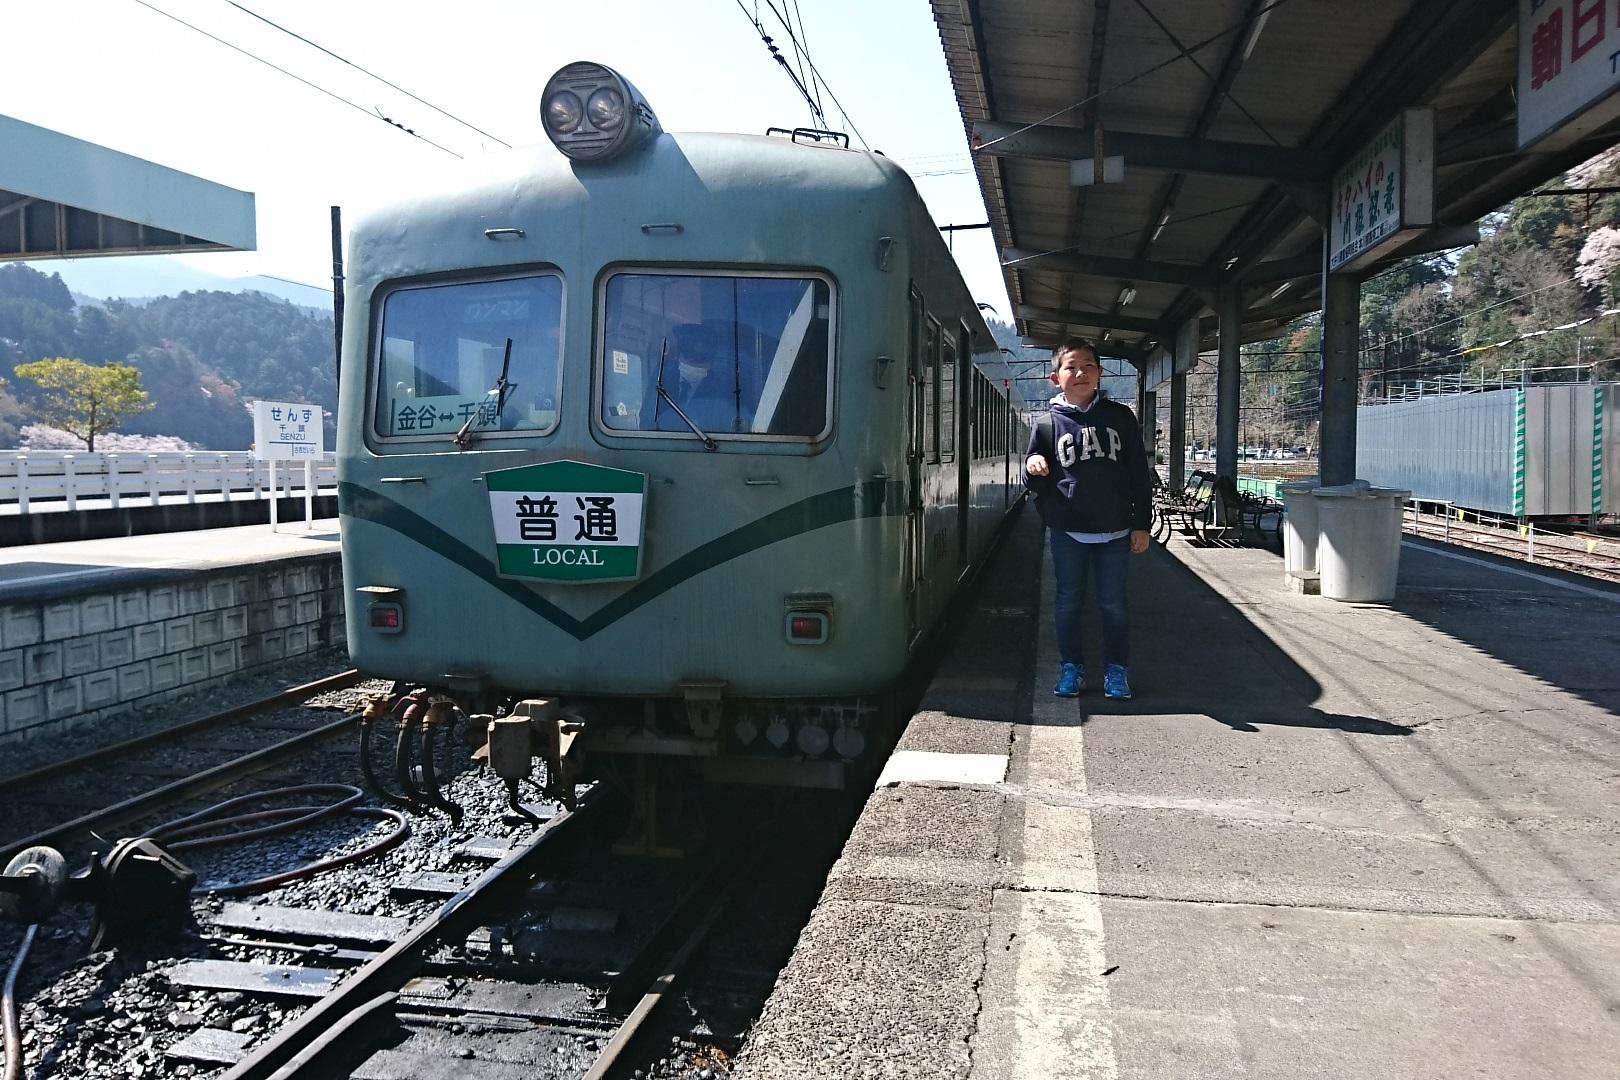 2018.3.28 大井川本線 (62) 千頭 - 千頭いきふつう 1620-1080